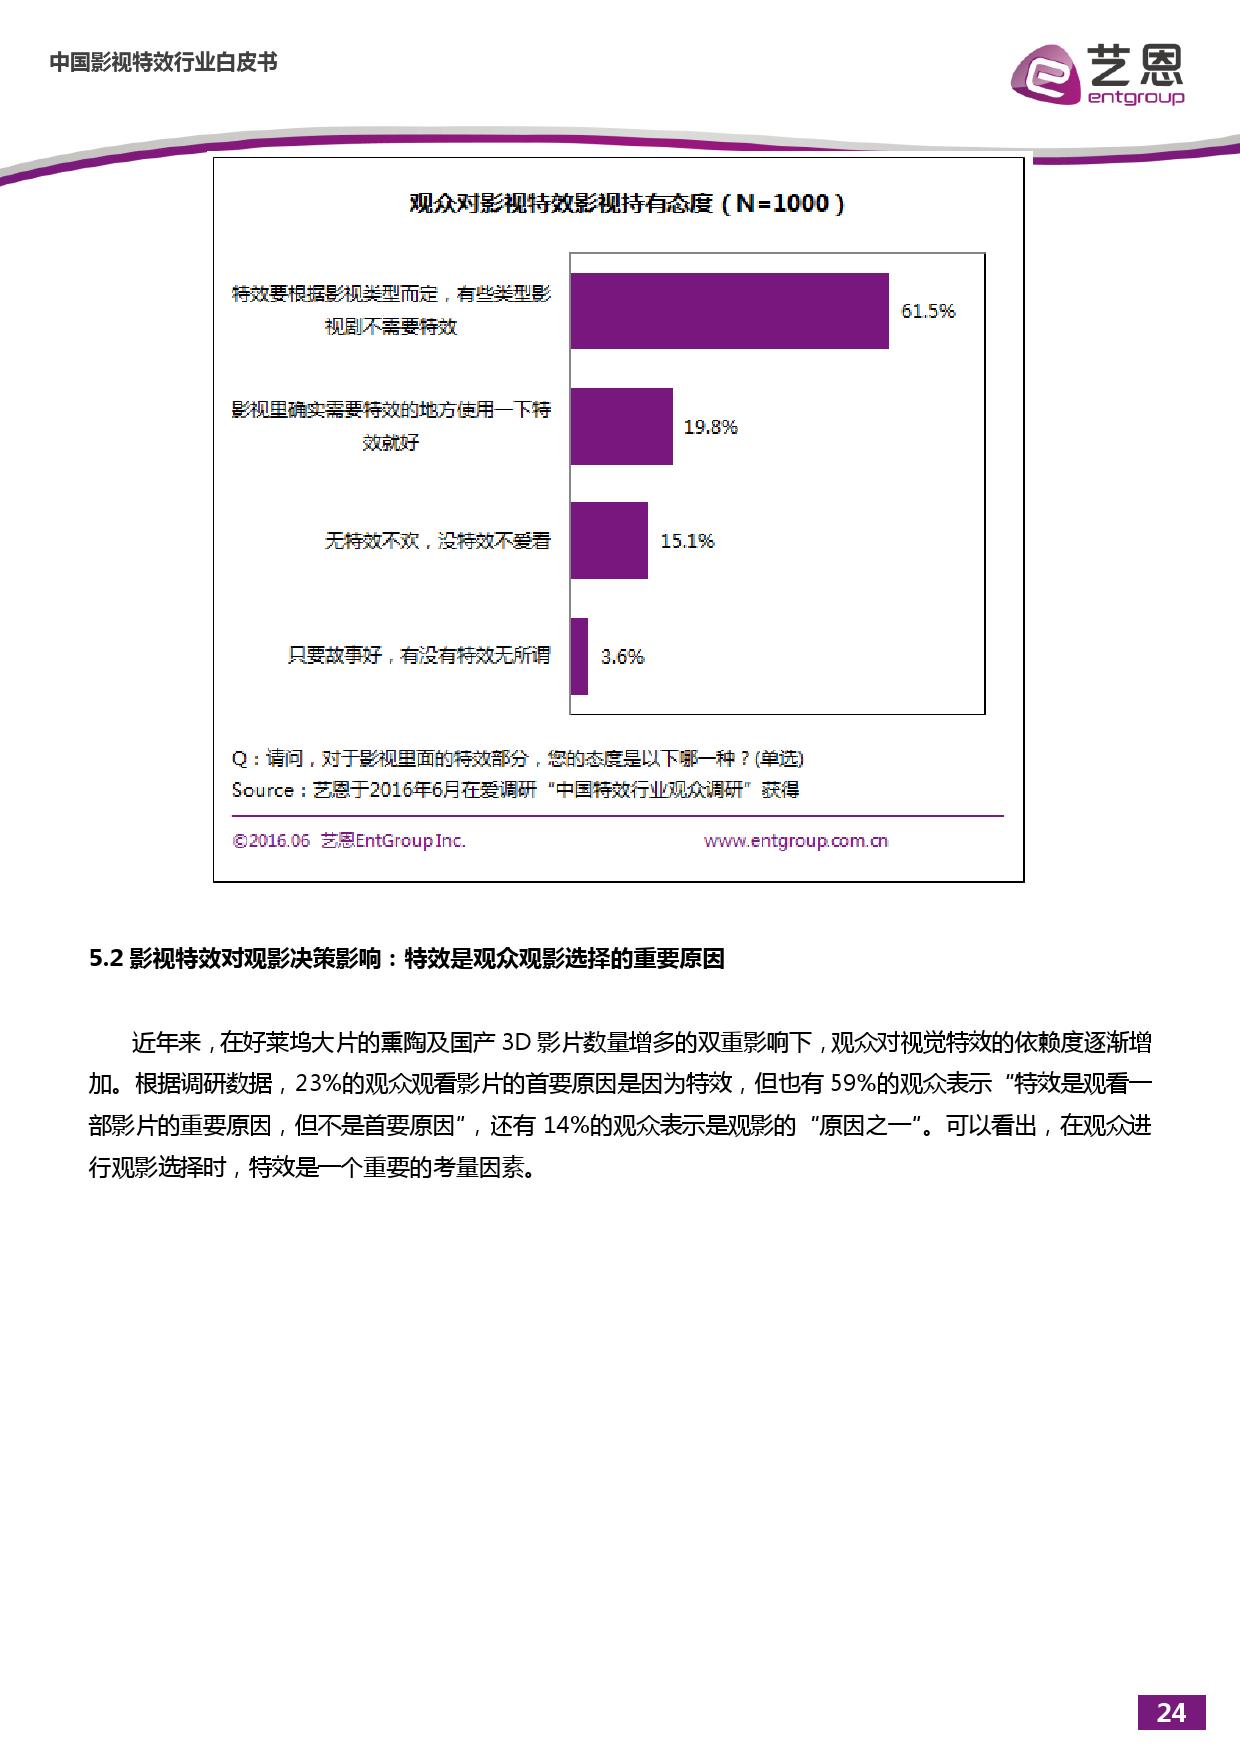 %e4%b8%ad%e5%9b%bd%e5%bd%b1%e8%a7%86%e7%89%b9%e6%95%88%e5%b8%82%e5%9c%ba%e7%a0%94%e7%a9%b6%e6%8a%a5%e5%91%8a_000025